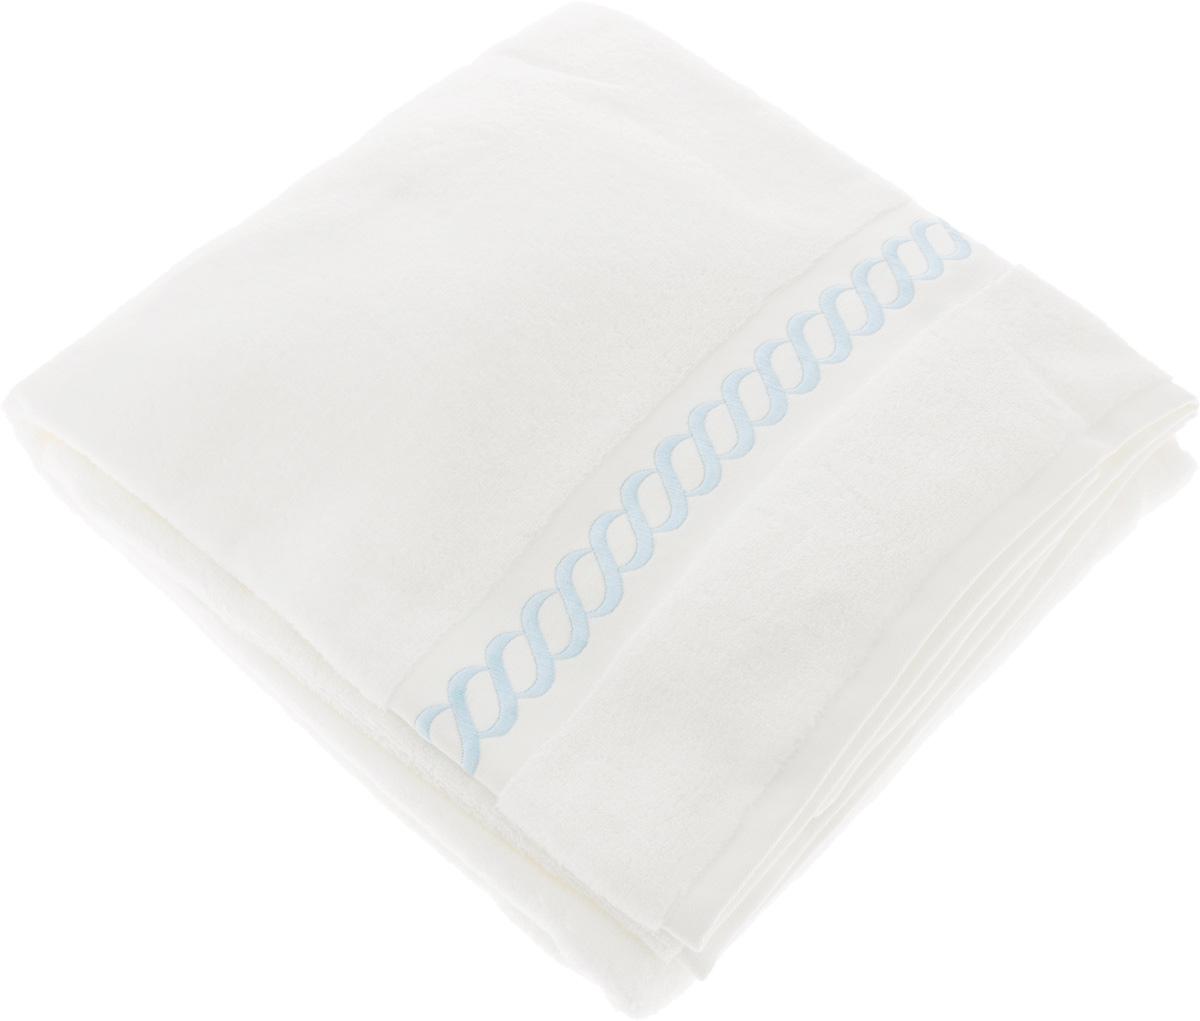 Полотенце махровое Issimo Home Pauline, цвет: белый, голубой, 90 x 150 см4733Полотенце Issimo Home Pauline выполнено из натуральной махровой ткани (100% хлопок). Изделие отлично впитывает влагу, быстро сохнет и не теряет форму даже после многократных стирок. Рекомендации по уходу: - режим стирки при 40°C, - допускается обычная химчистка, - отбеливание запрещено, - глажка при температуре подошвы утюга до 110°С, - барабанный отжим запрещен. Размер полотенца: 90 x 150 см.